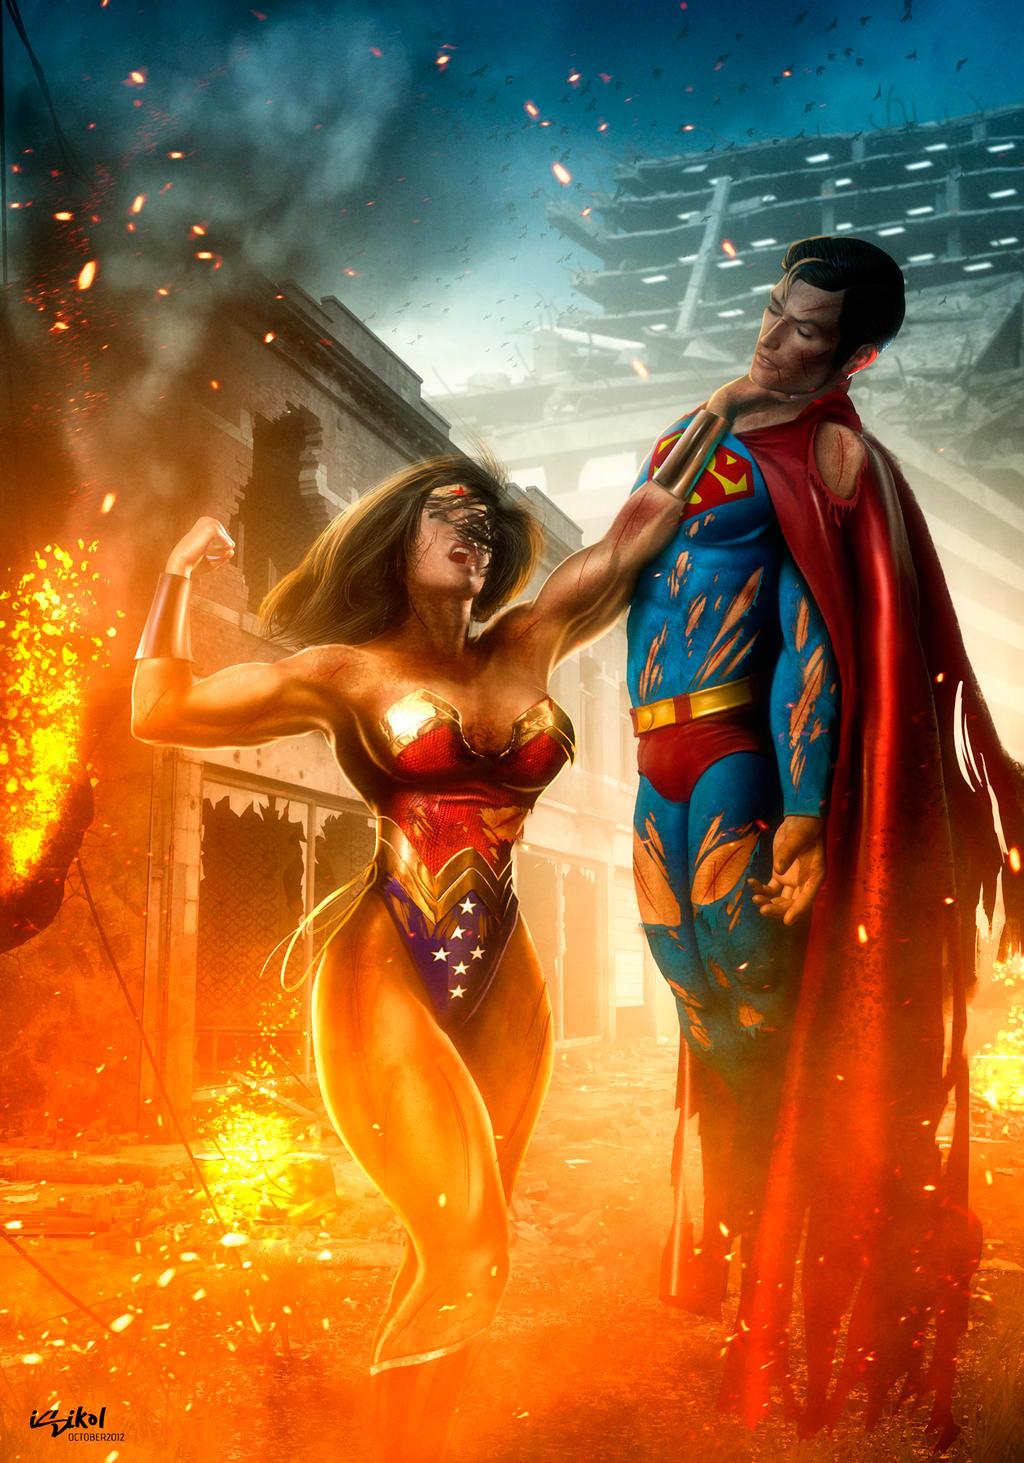 WONDERWOMAN BEATS SUPERMAN by isikol